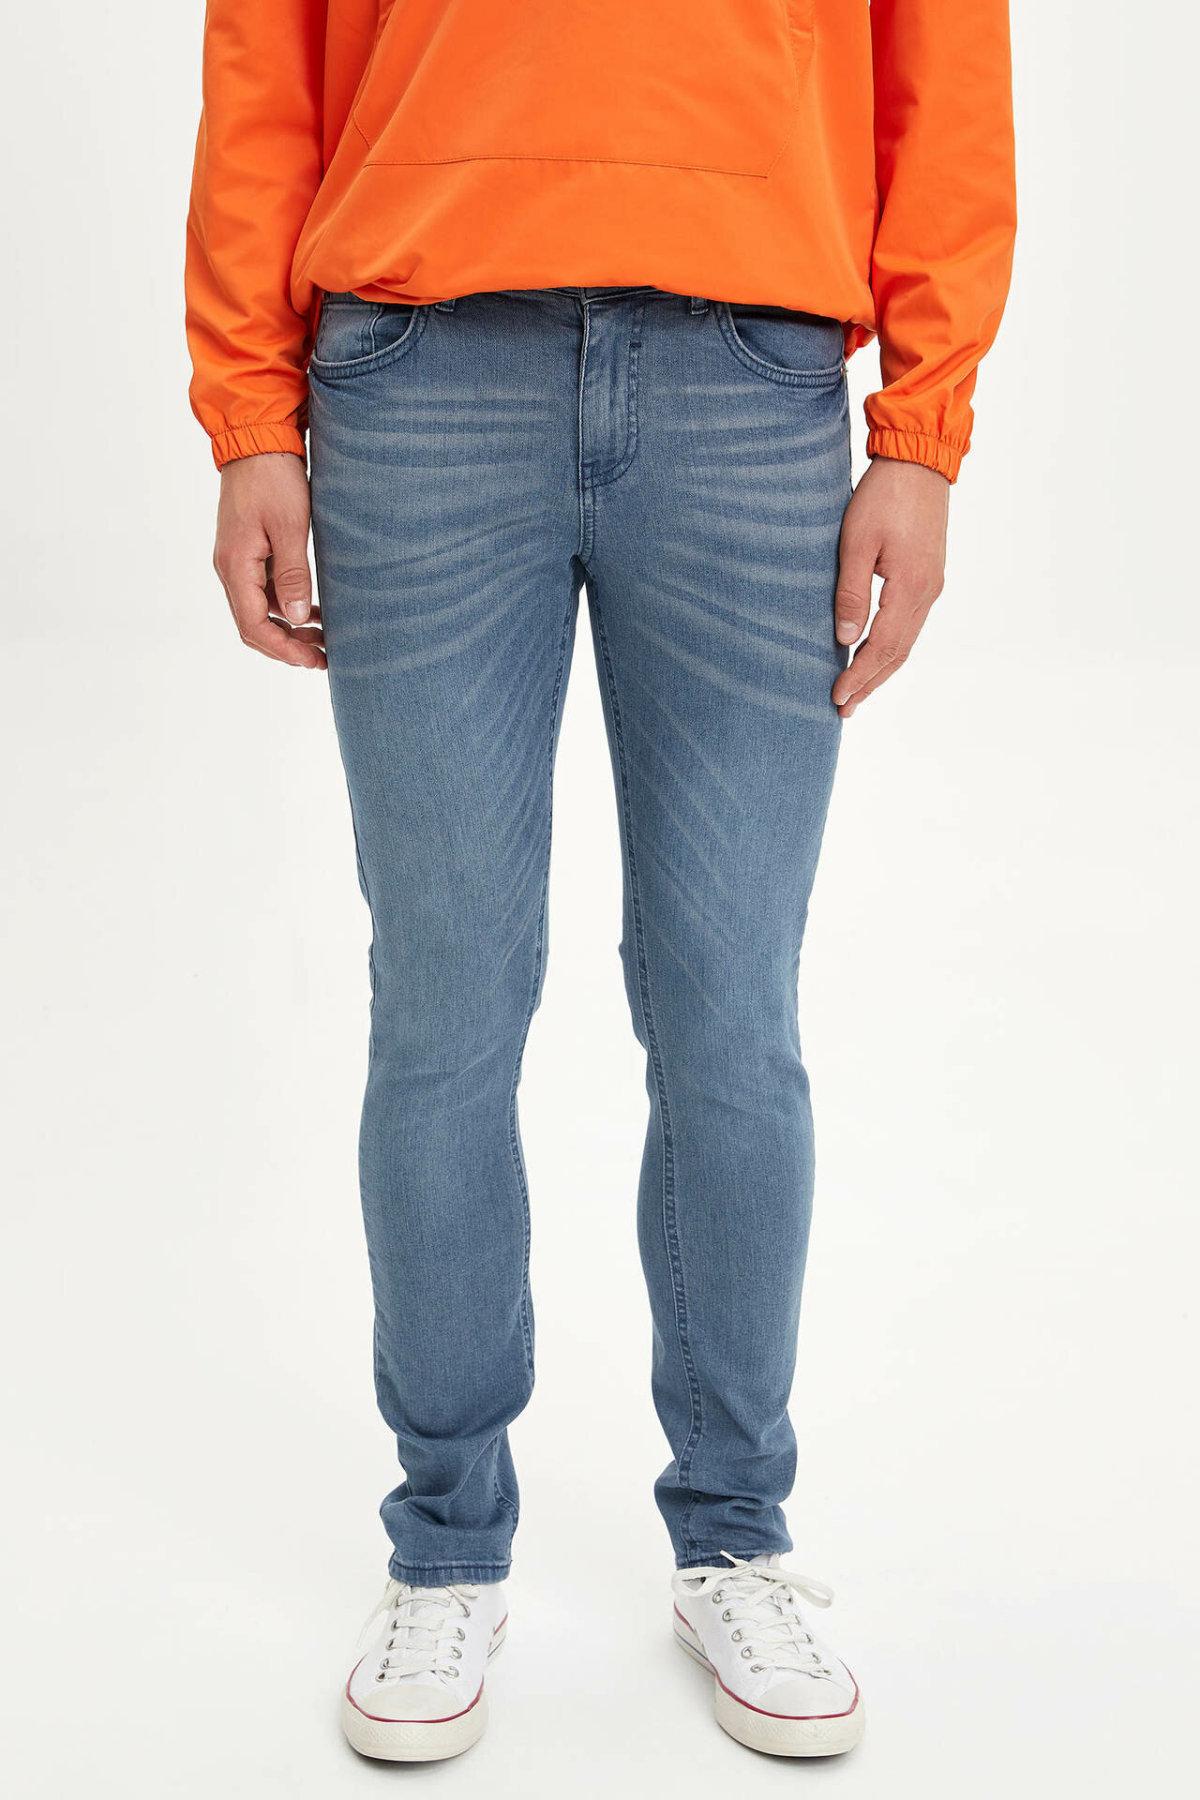 DeFacto Man Autumn Washed Denim Jeans Men Casual Striped Prints Denim Bottoms Male Slim Fit Denim Trousers-L6686AZ19AU